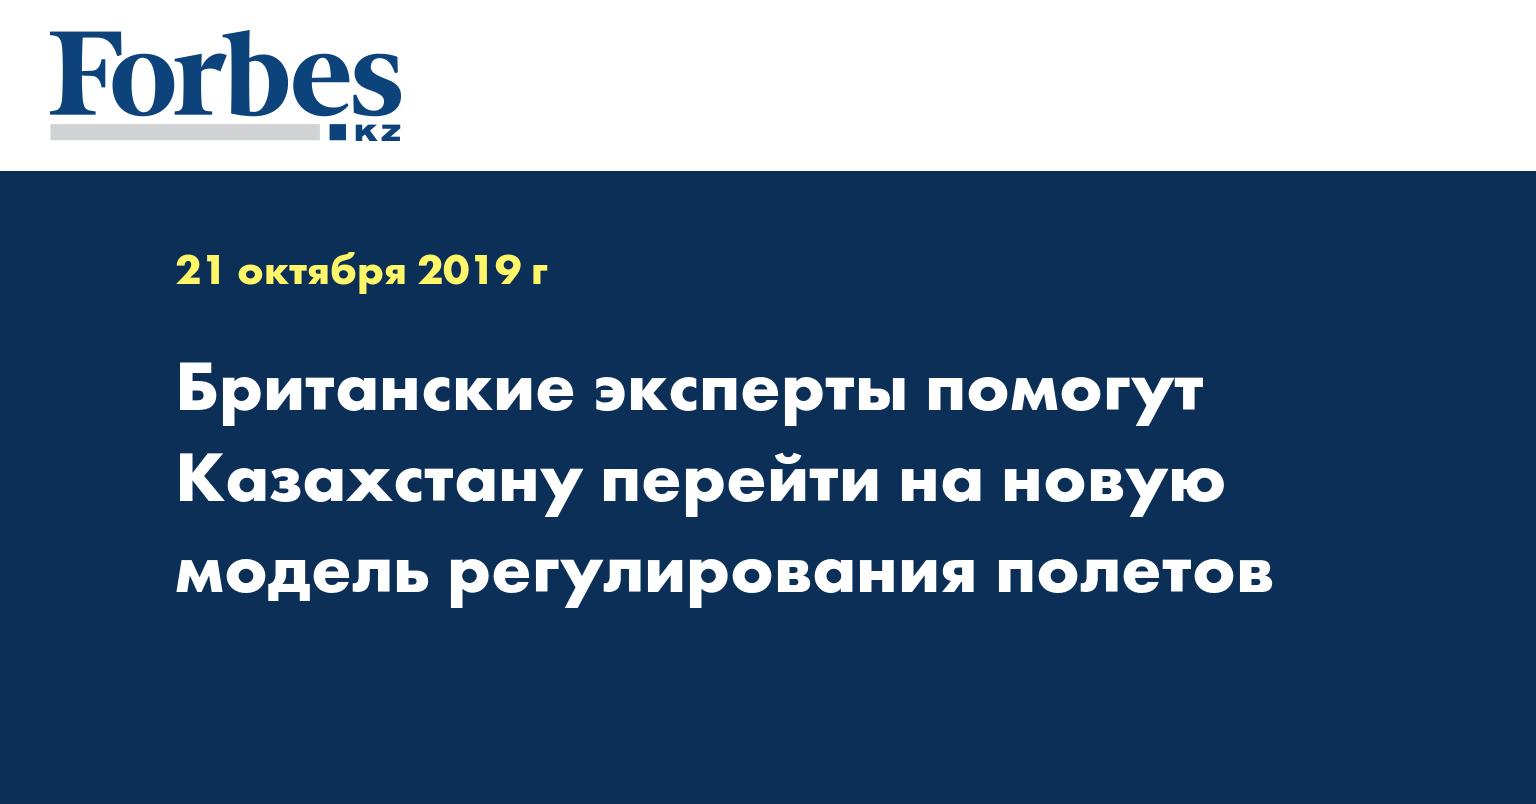 Британские эксперты помогут Казахстану перейти на новую модель регулирования полетов